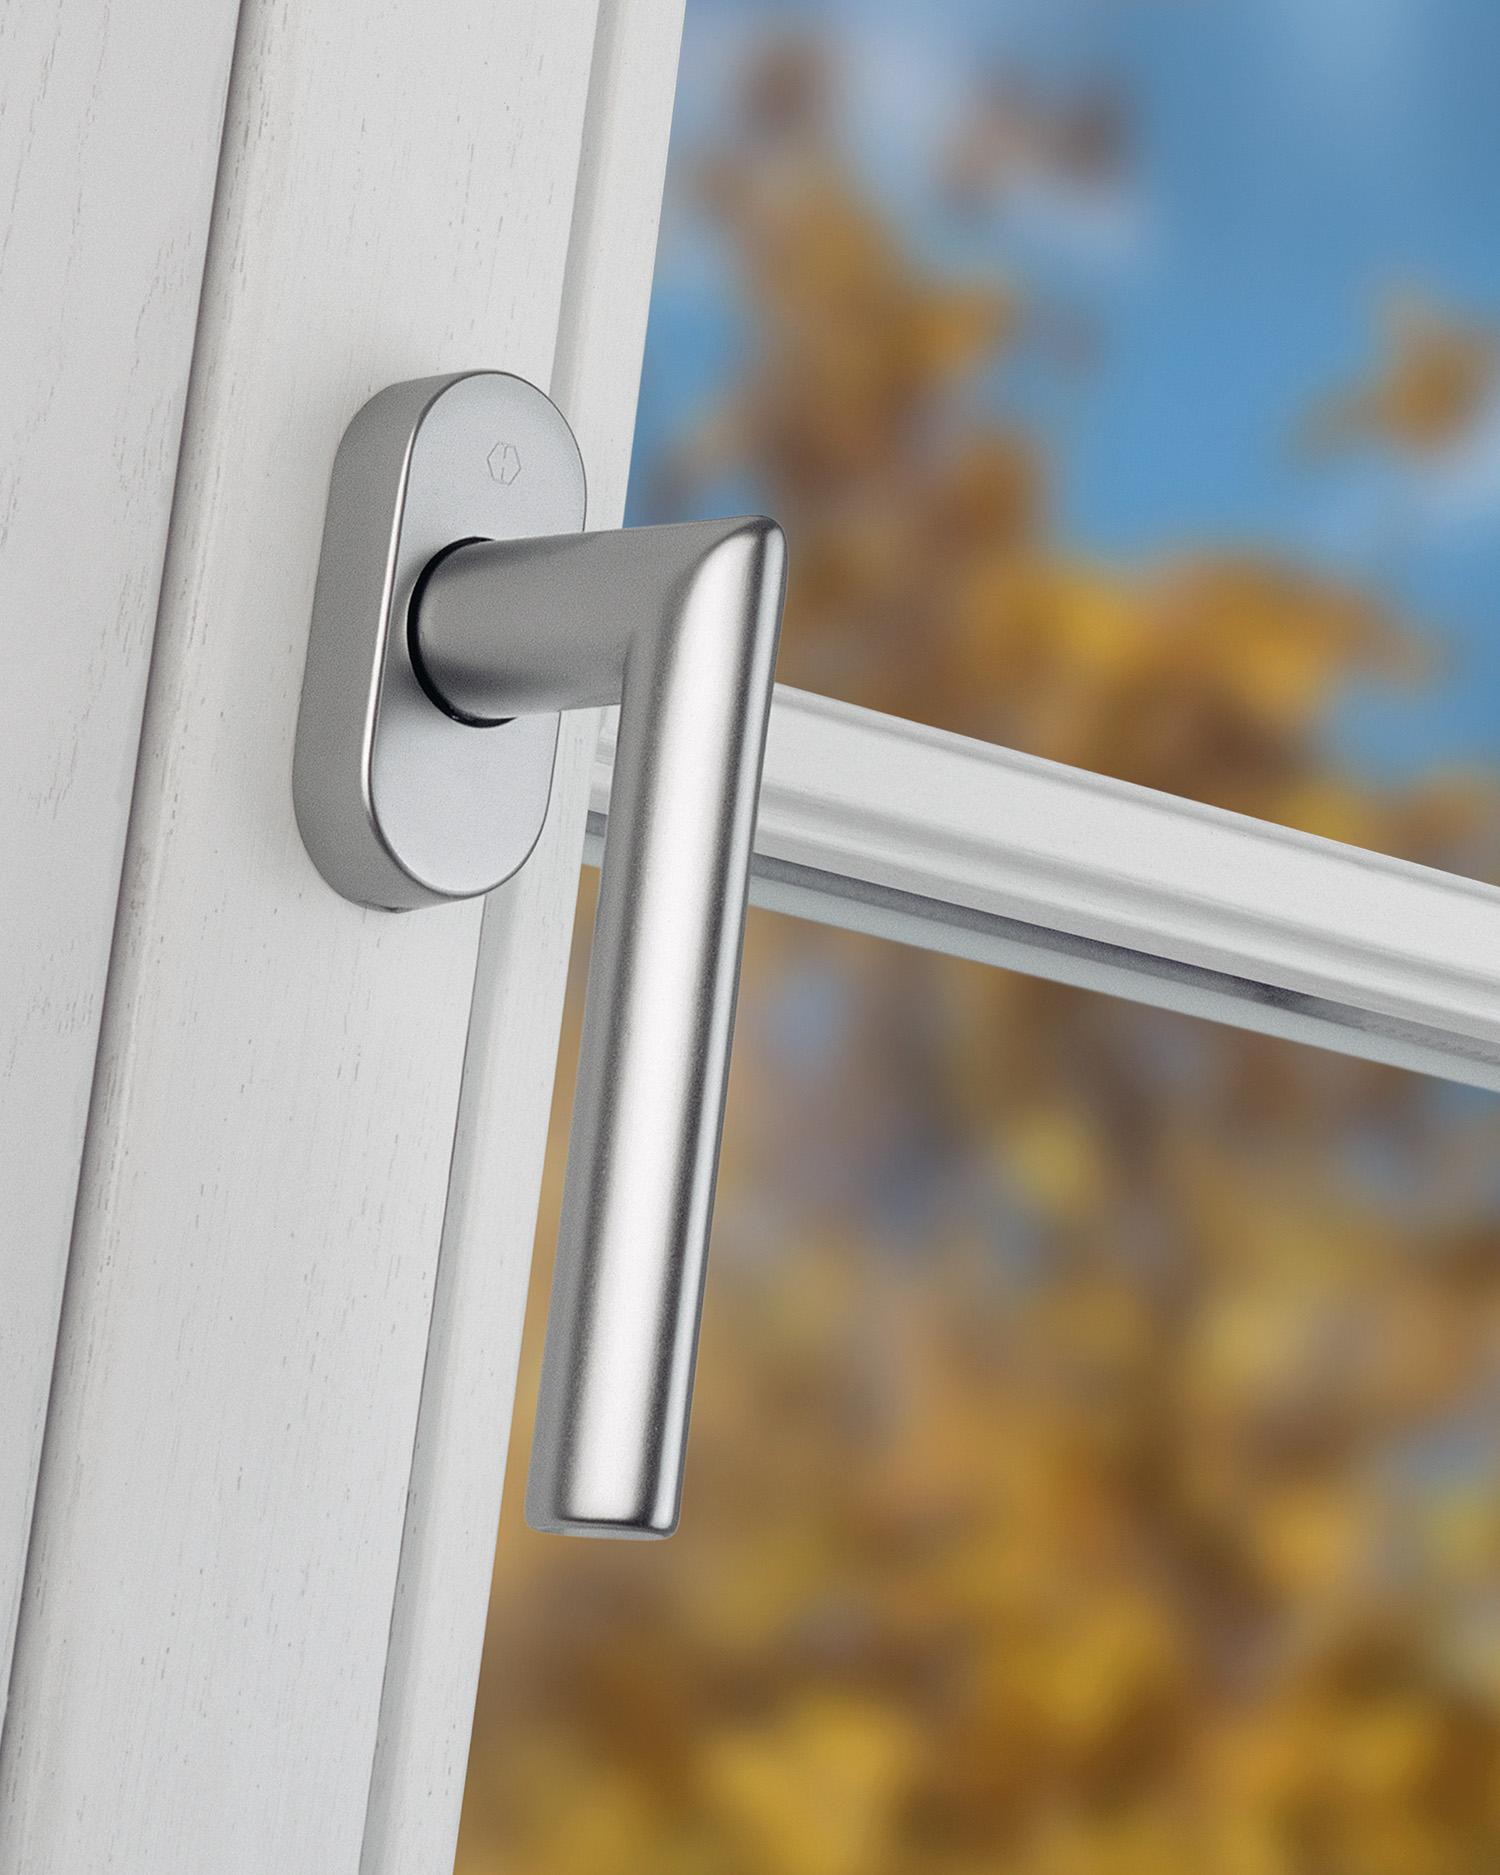 Deurkrukken en raamgrepen worden bij HOPPE praktijkgerelateerd op deur- en raamelementen getest